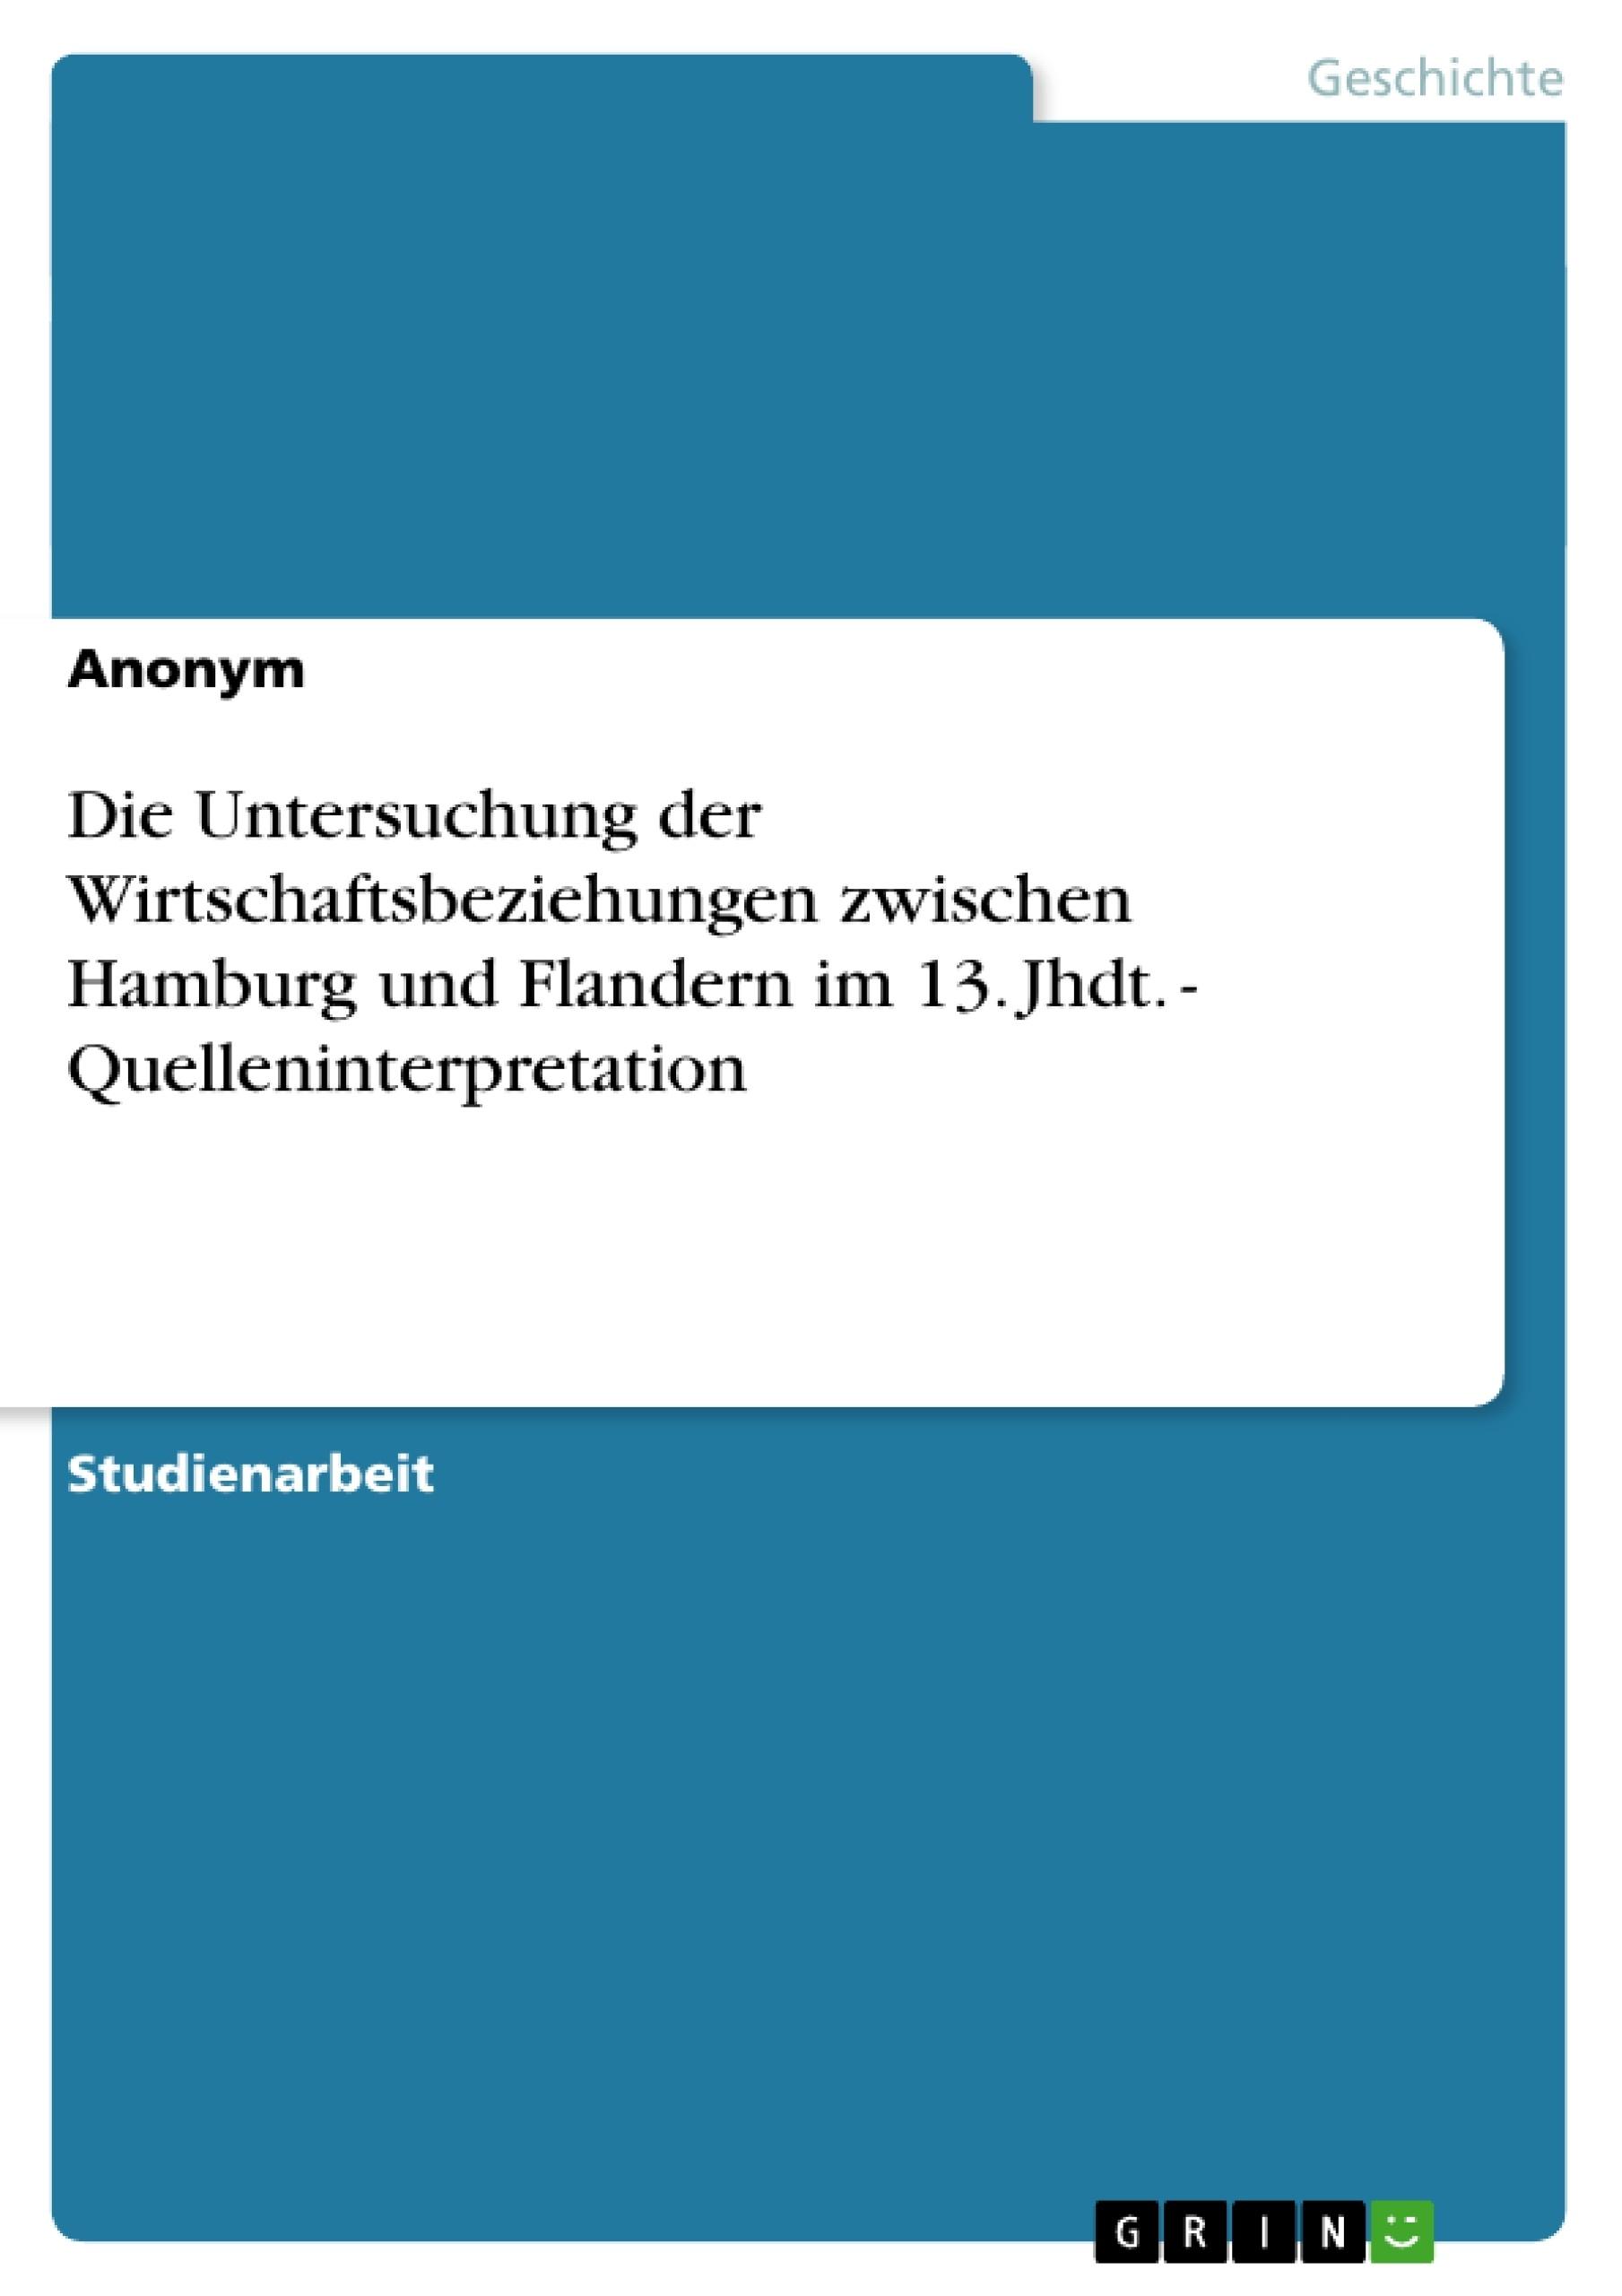 Titel: Die Untersuchung der Wirtschaftsbeziehungen zwischen Hamburg und Flandern im 13. Jhdt. - Quelleninterpretation